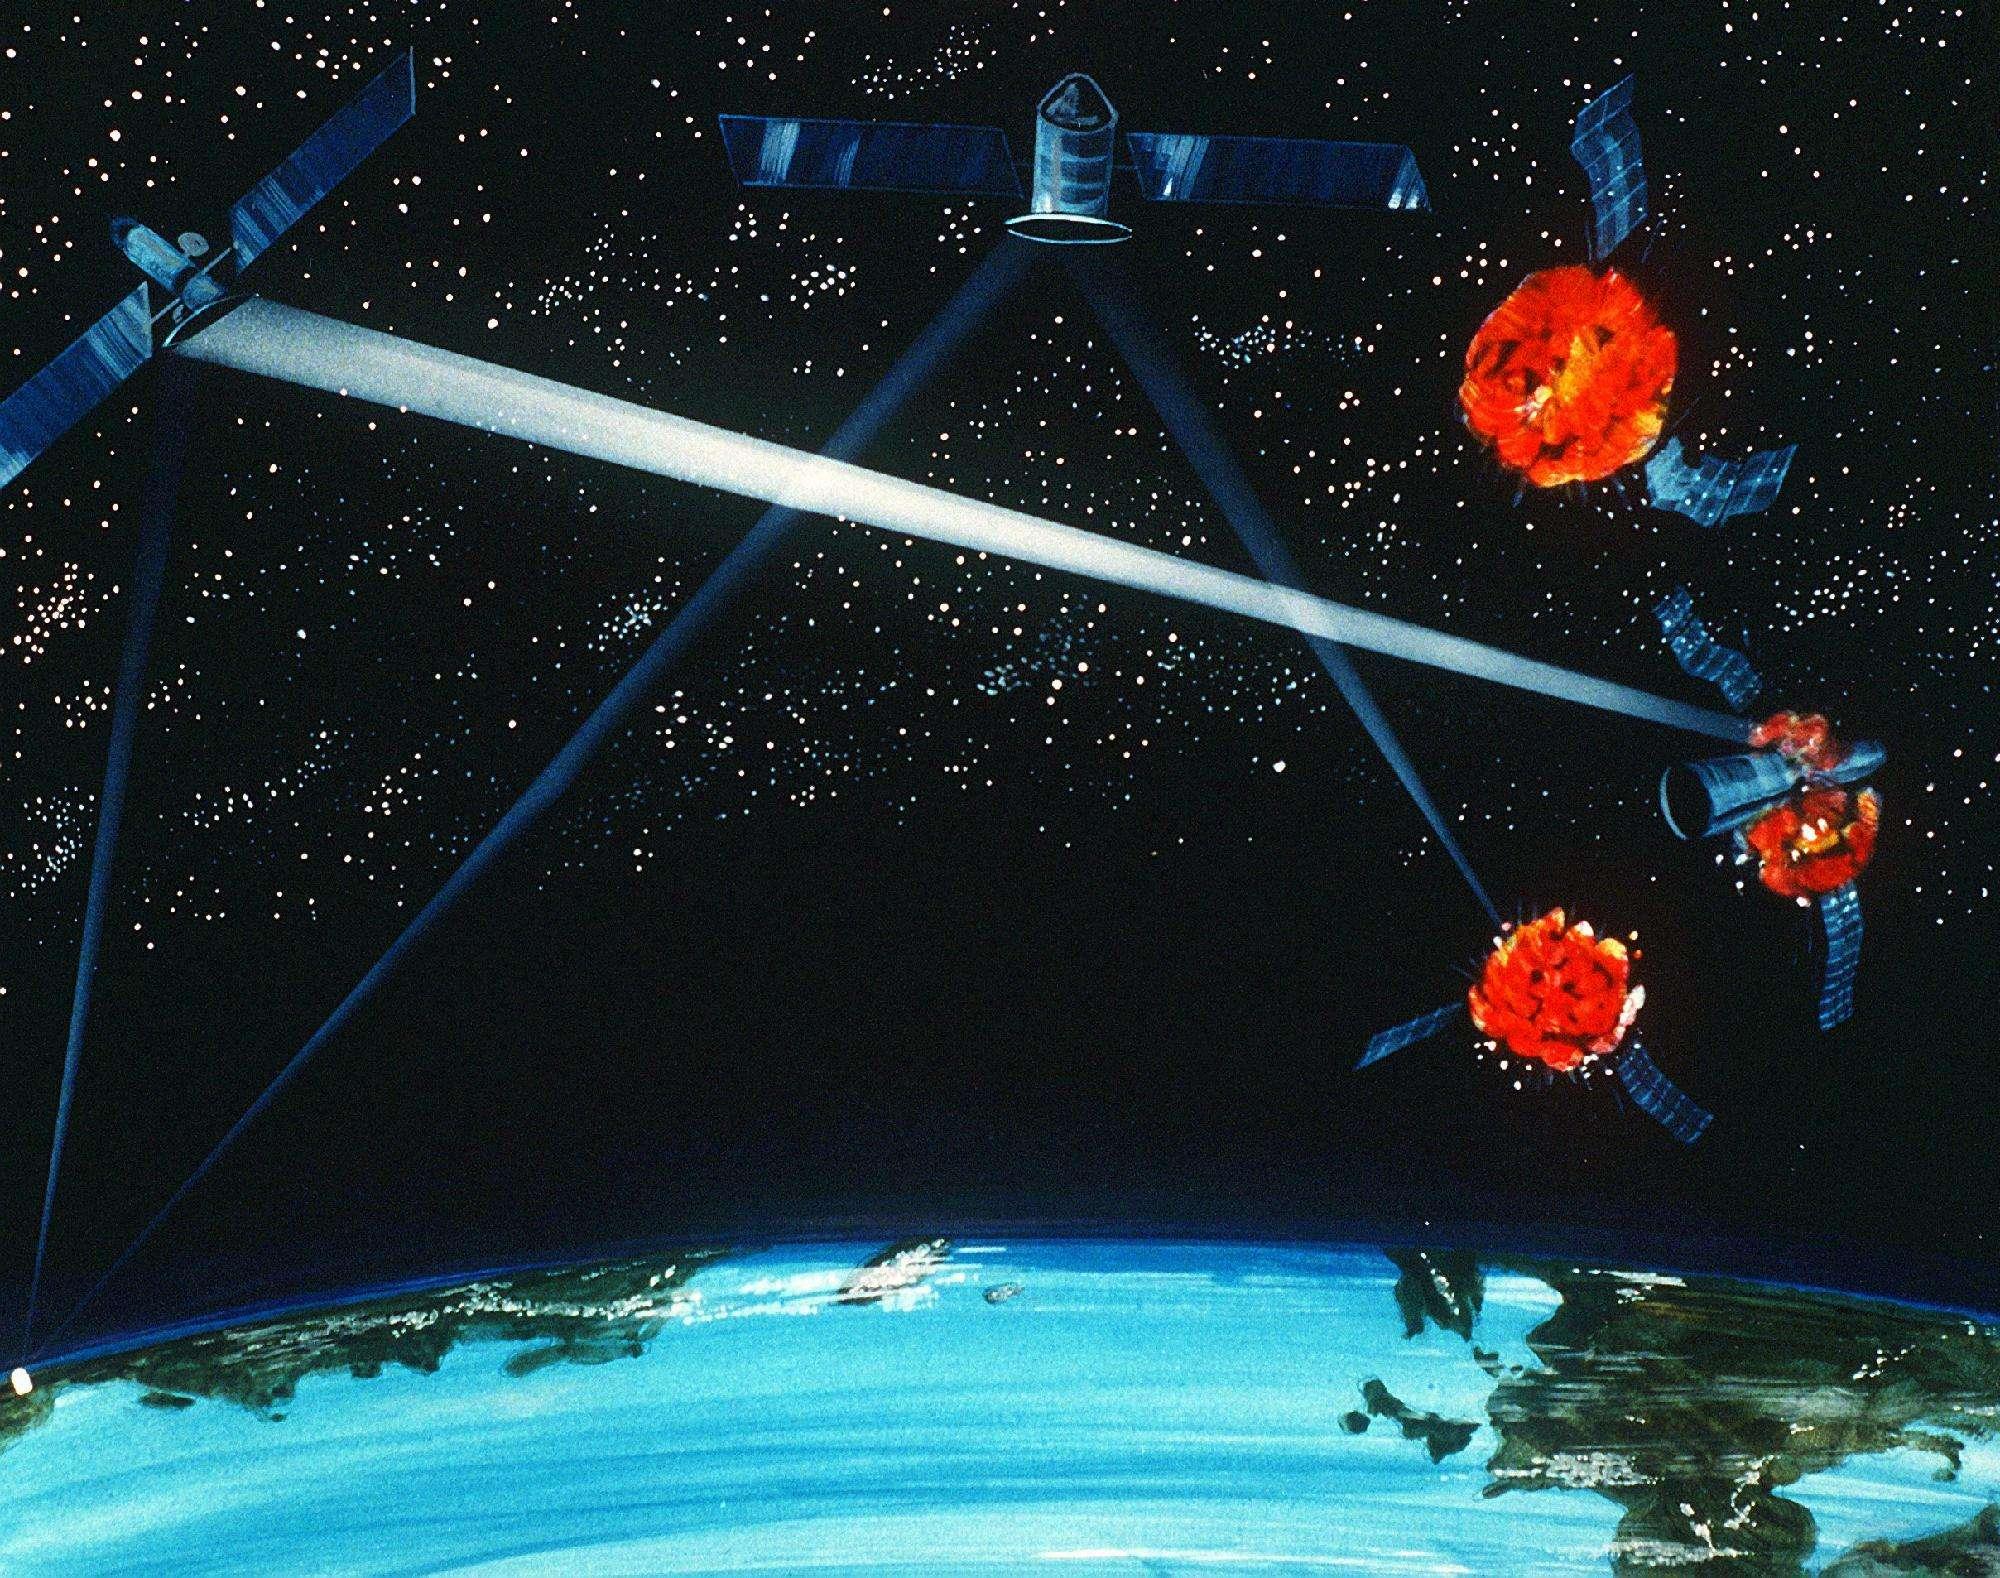 美智库评估解放军太空战能力:能摧毁500颗美卫星